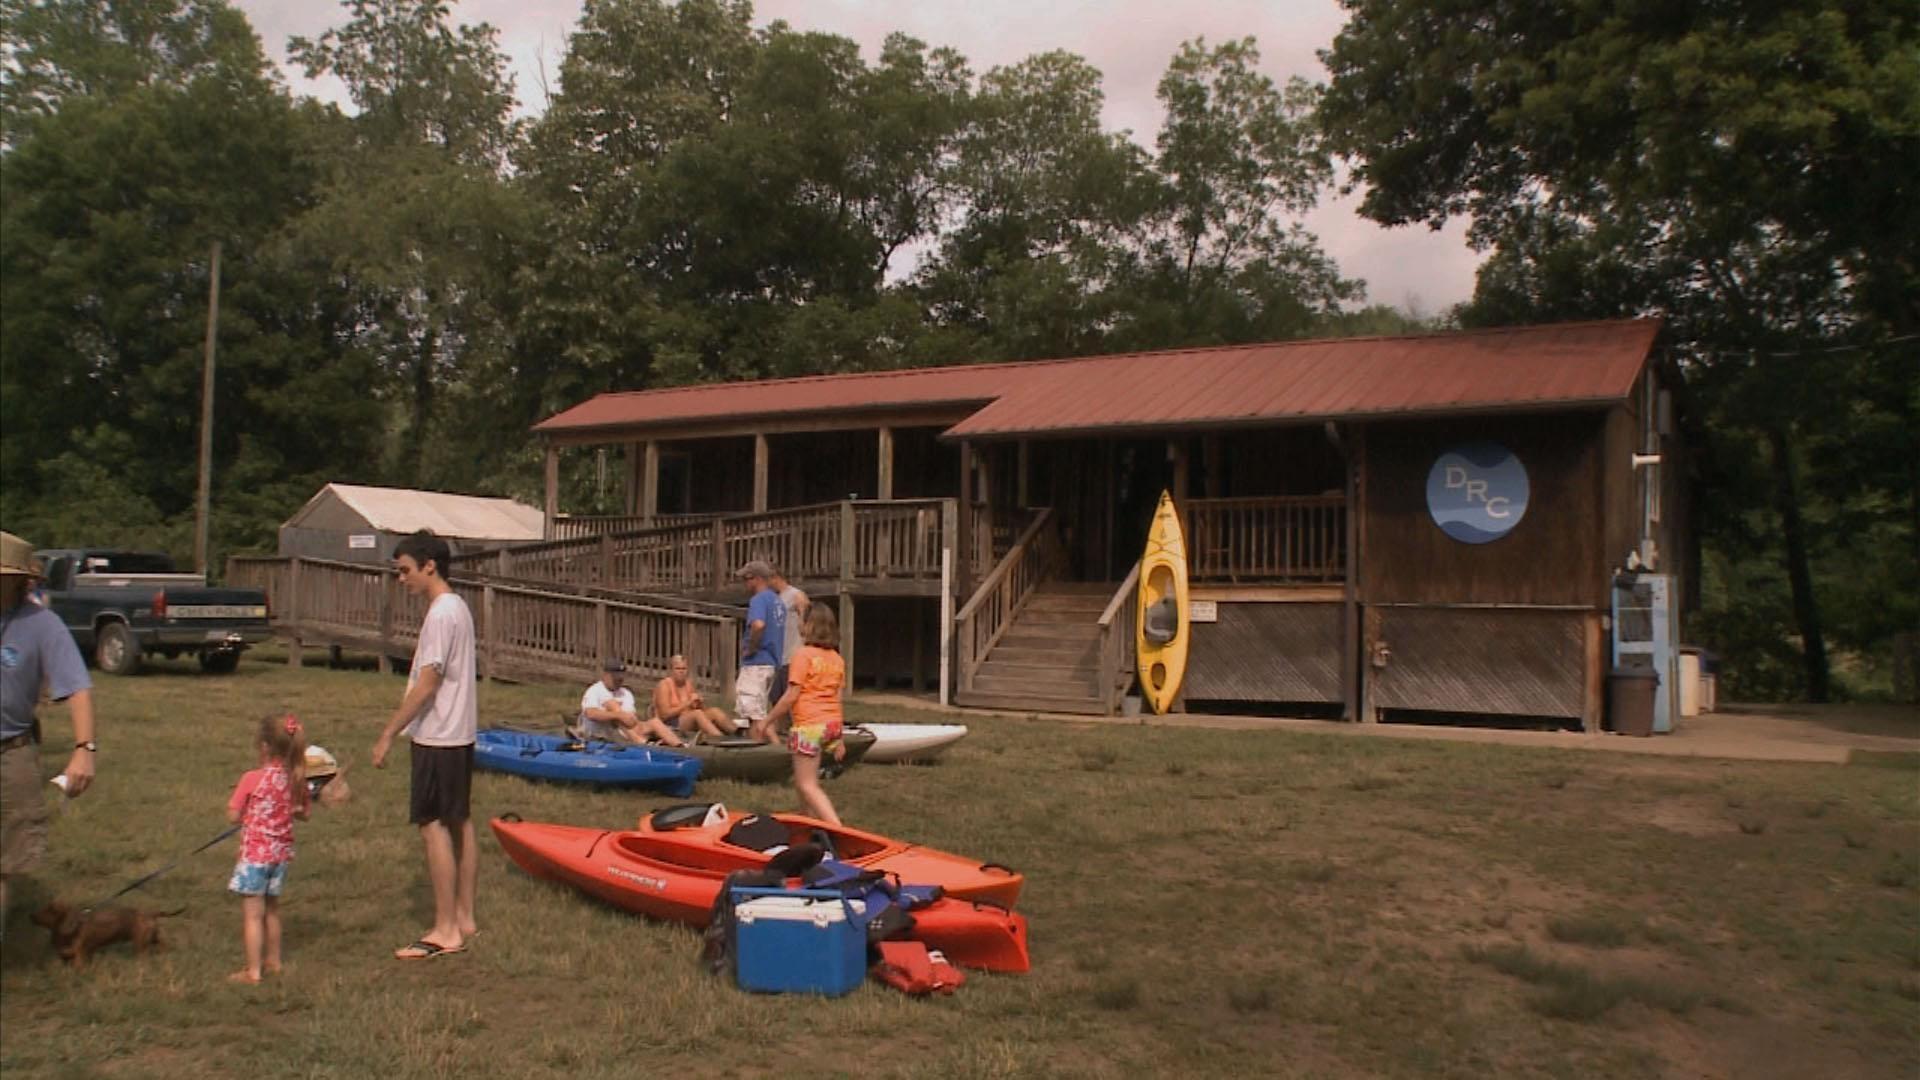 Dan River Company: Danbury, NC image